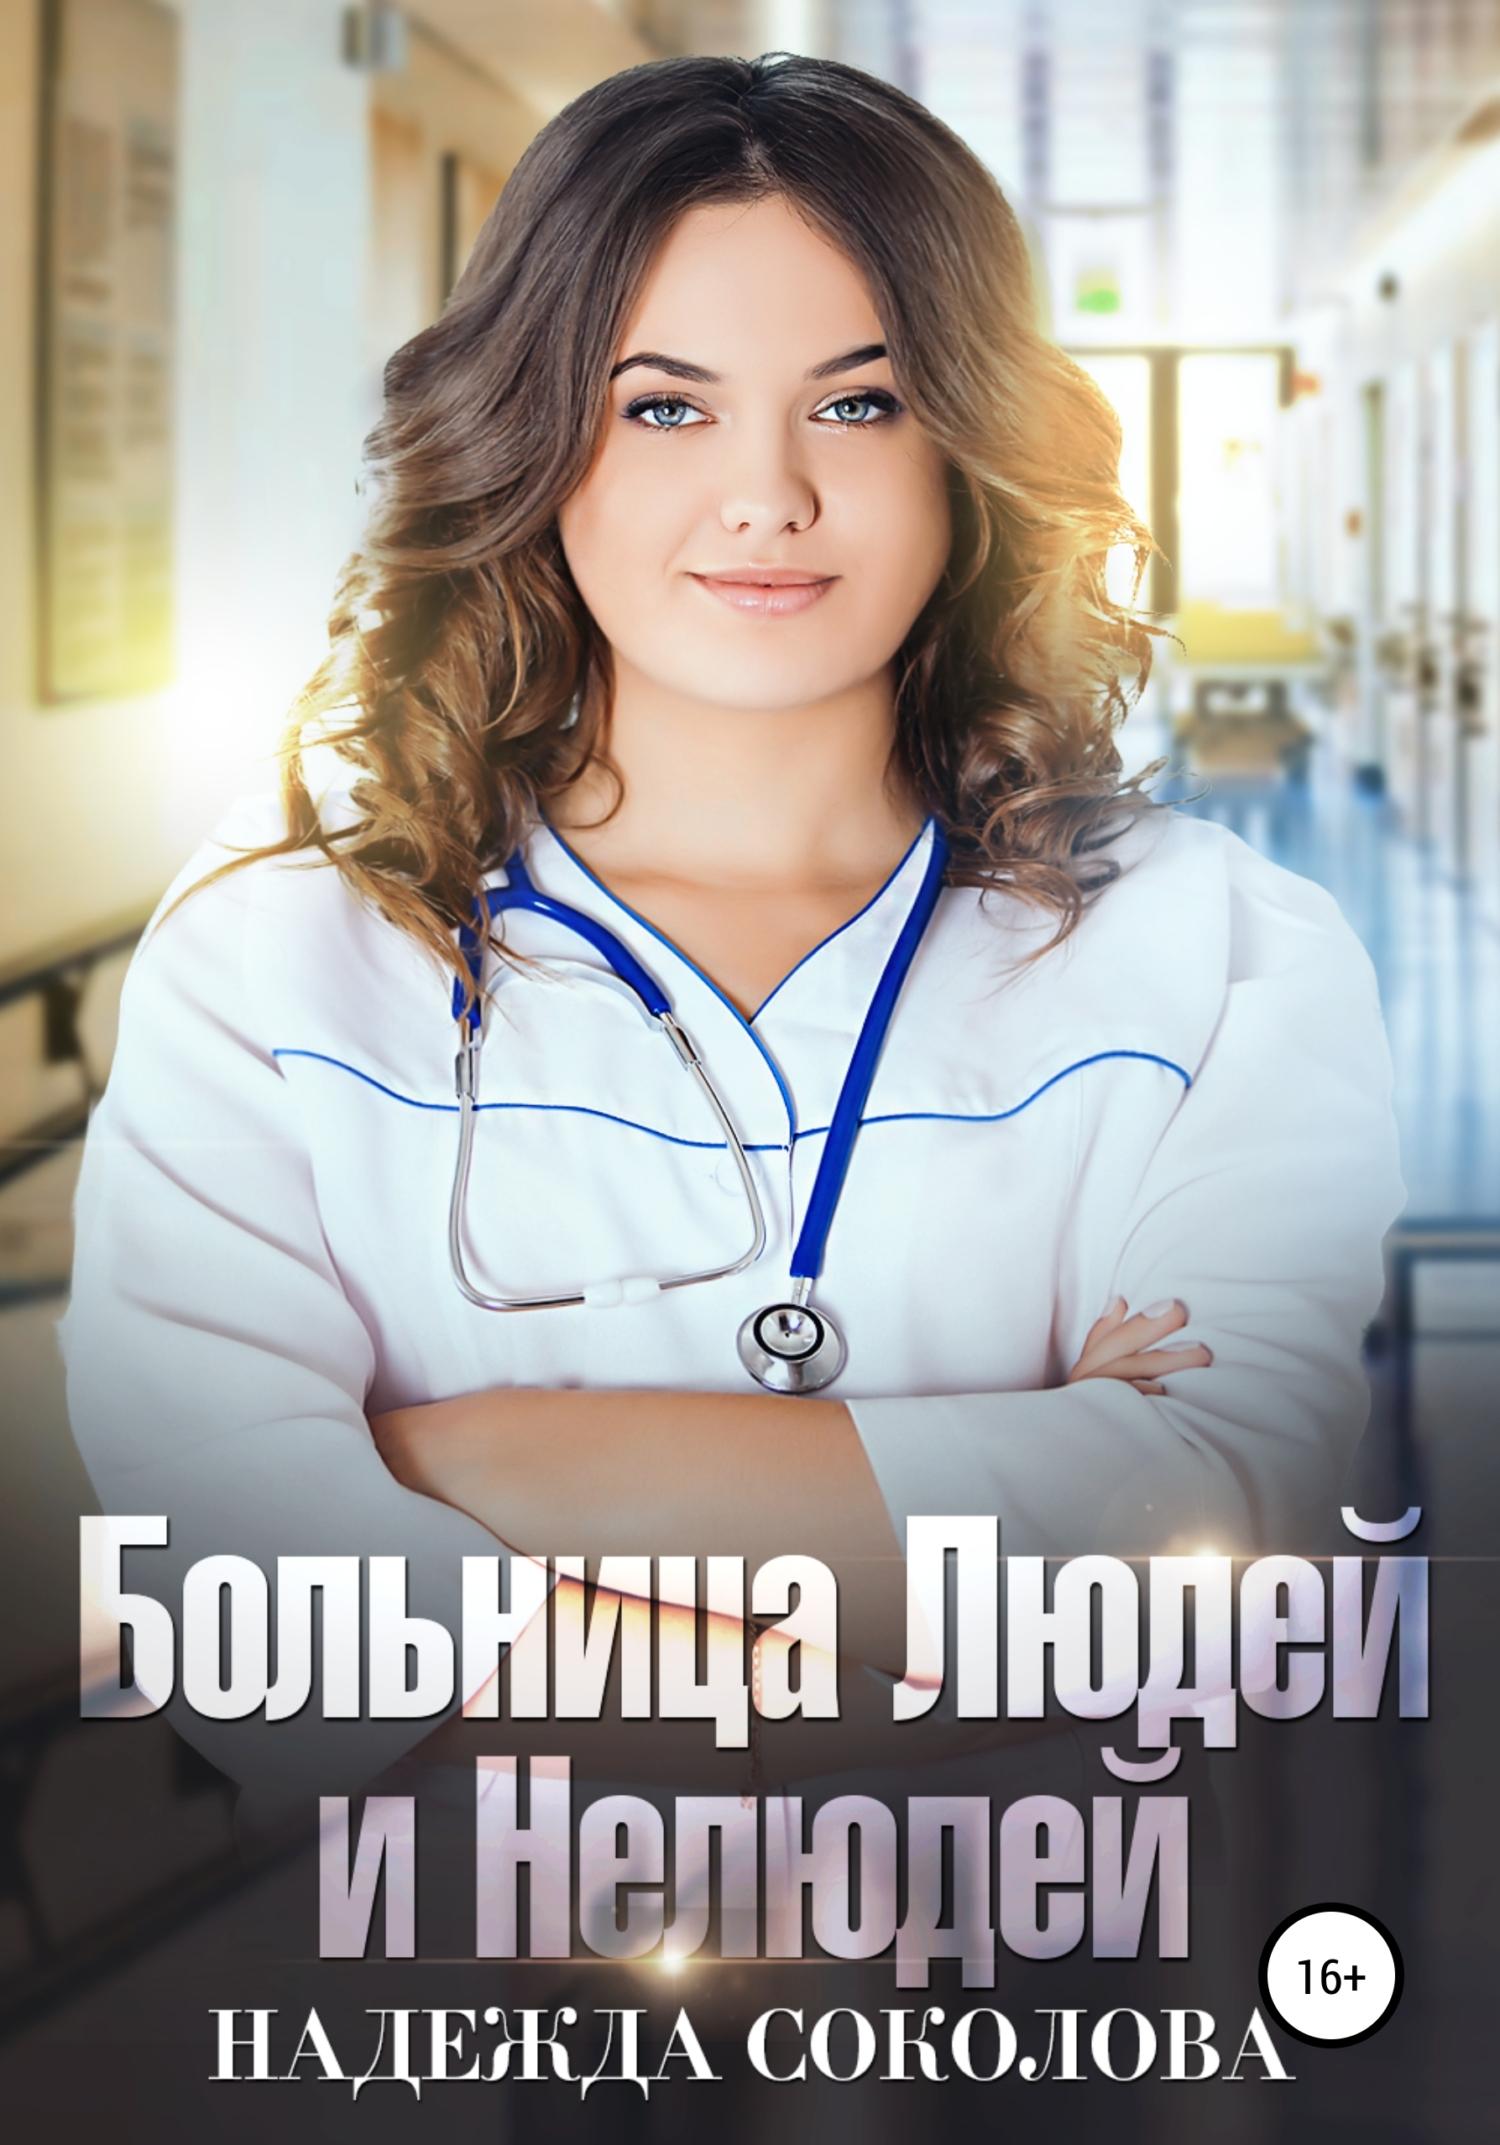 Надежда Игоревна Соколова БЛиН надежда игоревна соколова трущобы